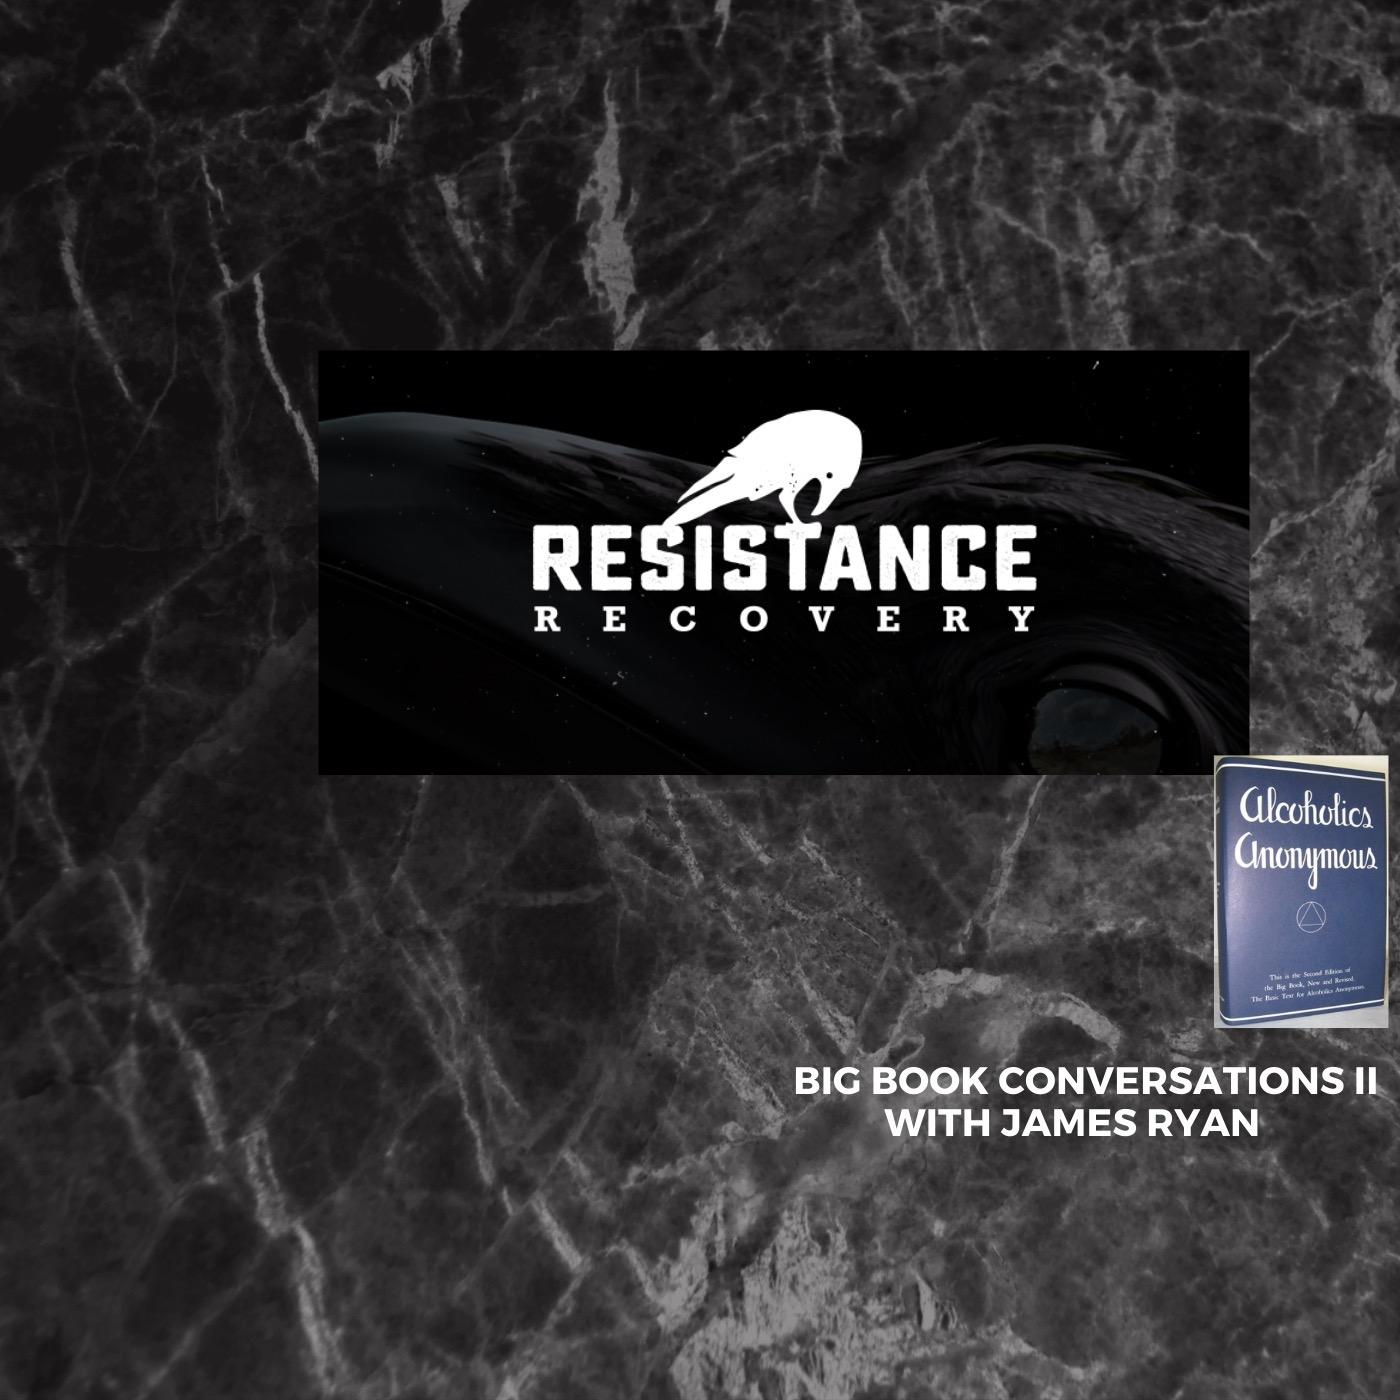 Big Book Conversations II